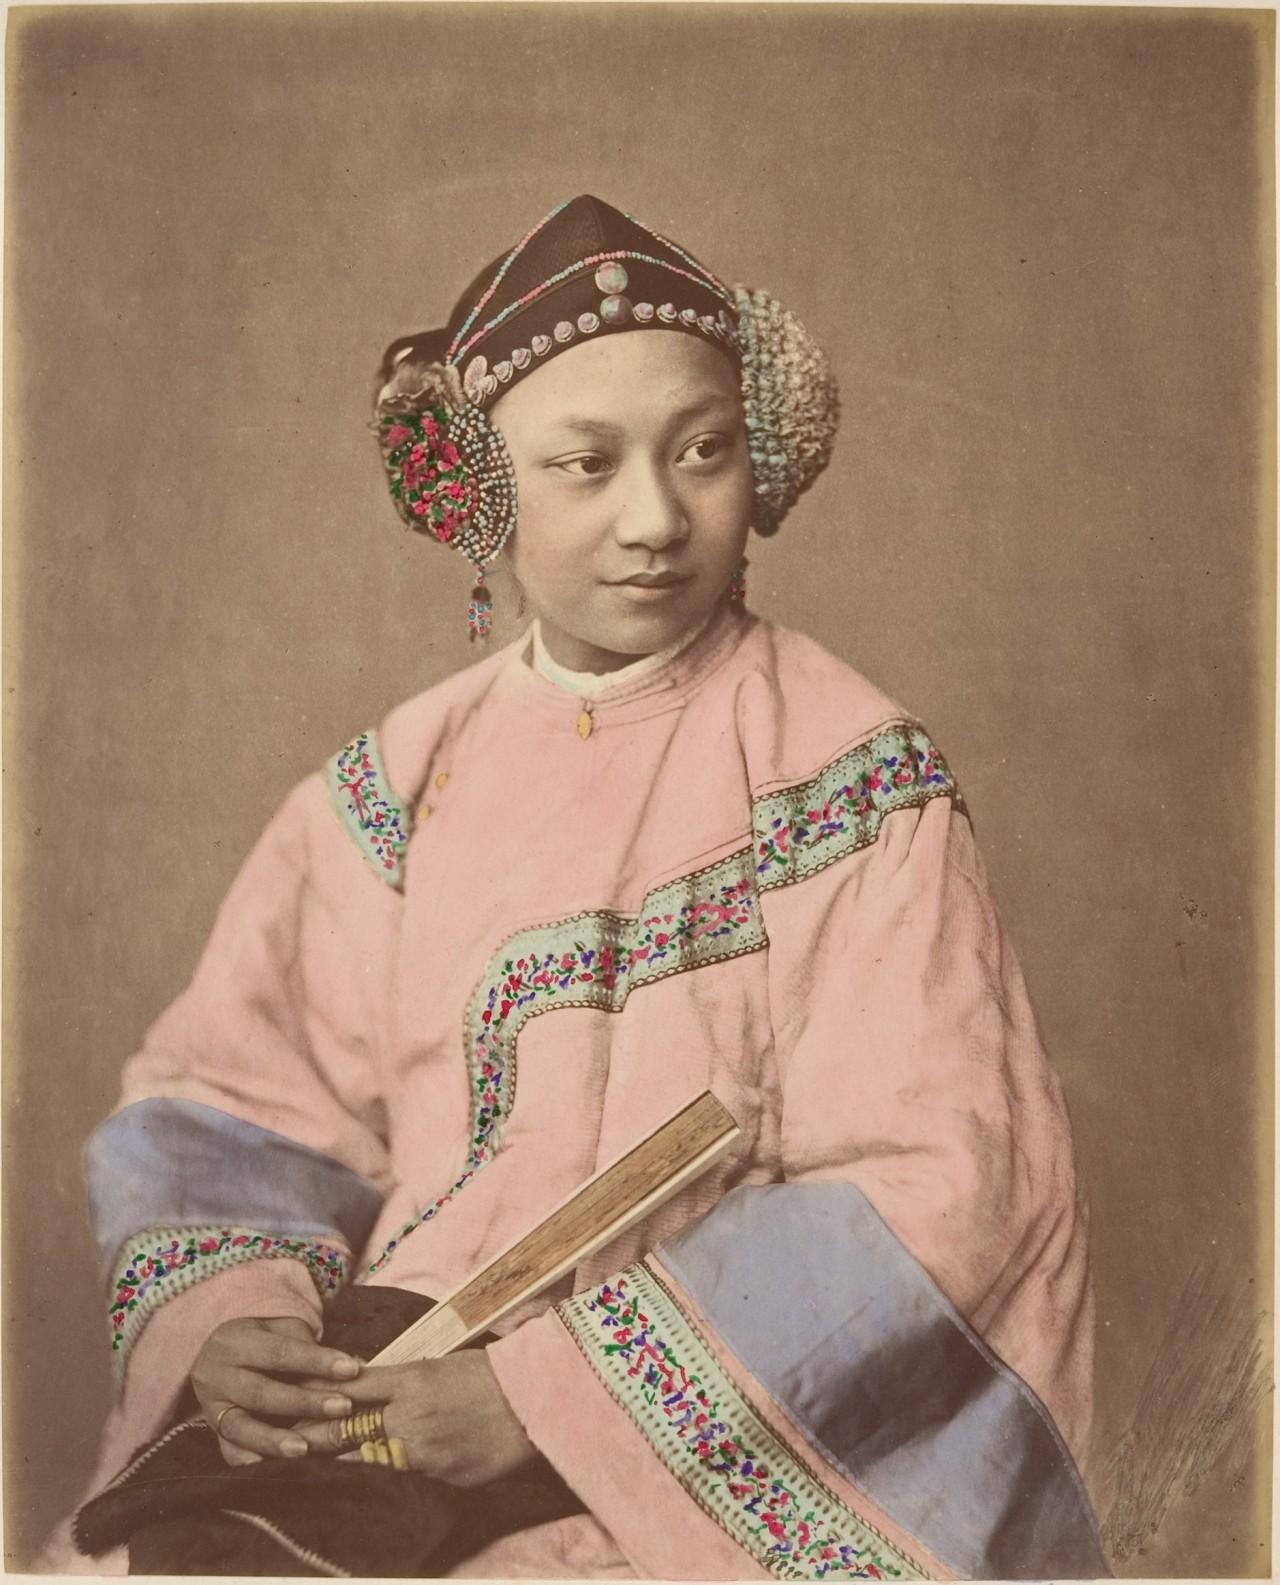 Китайский портрет, 1870. Автор Раймунд фон Стиллфрид